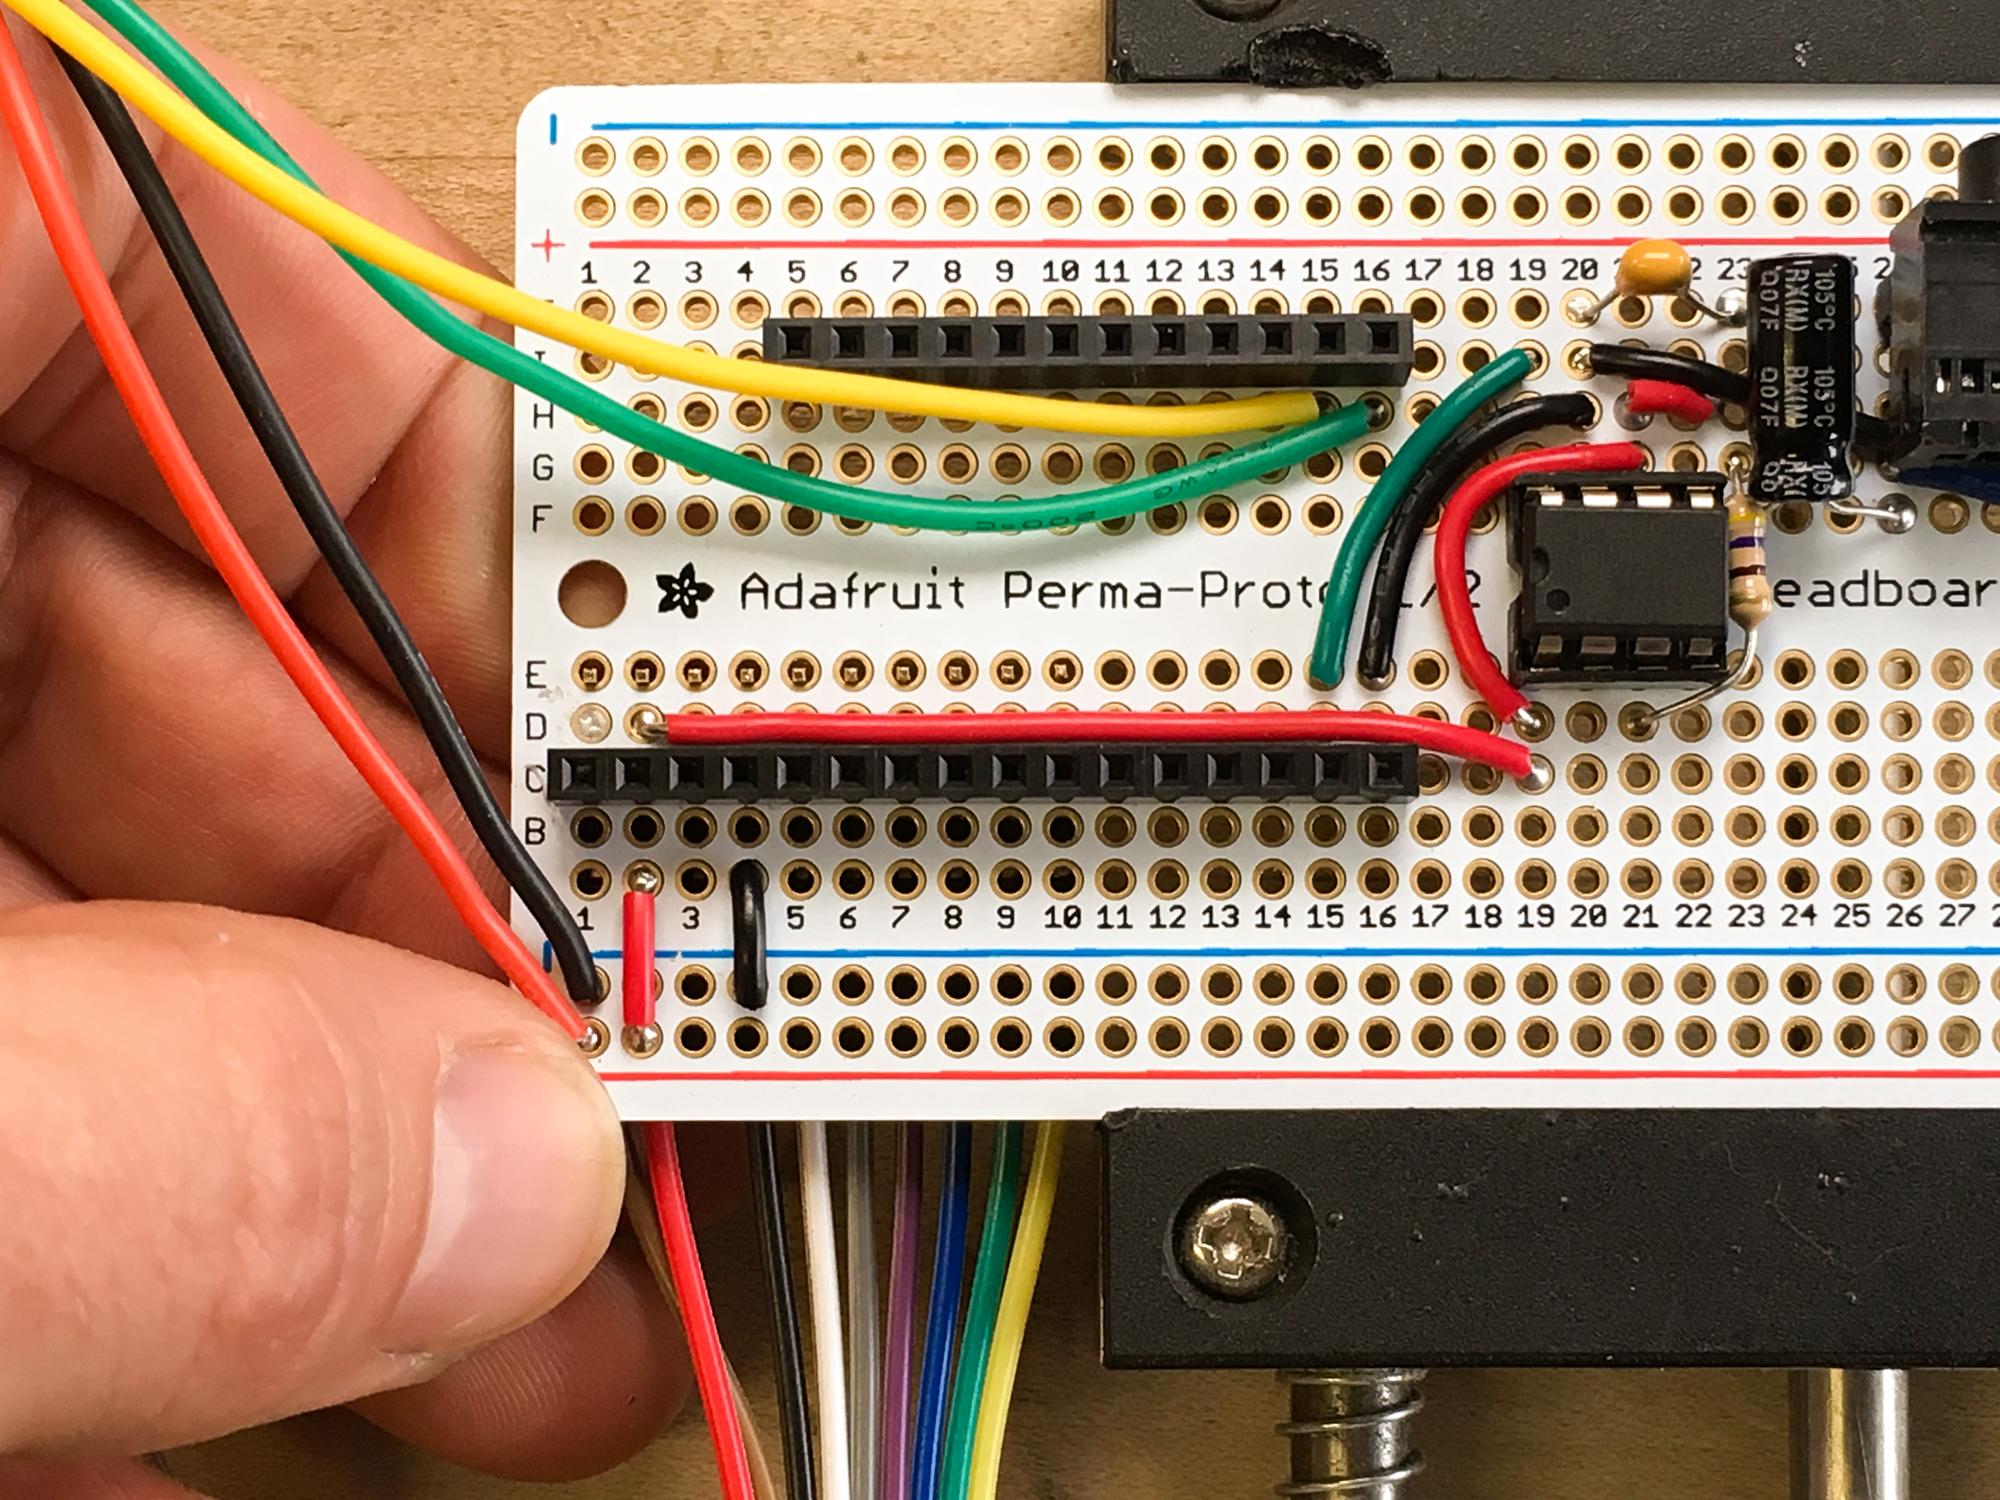 microcontrollers_IMG_1954_2k.jpg